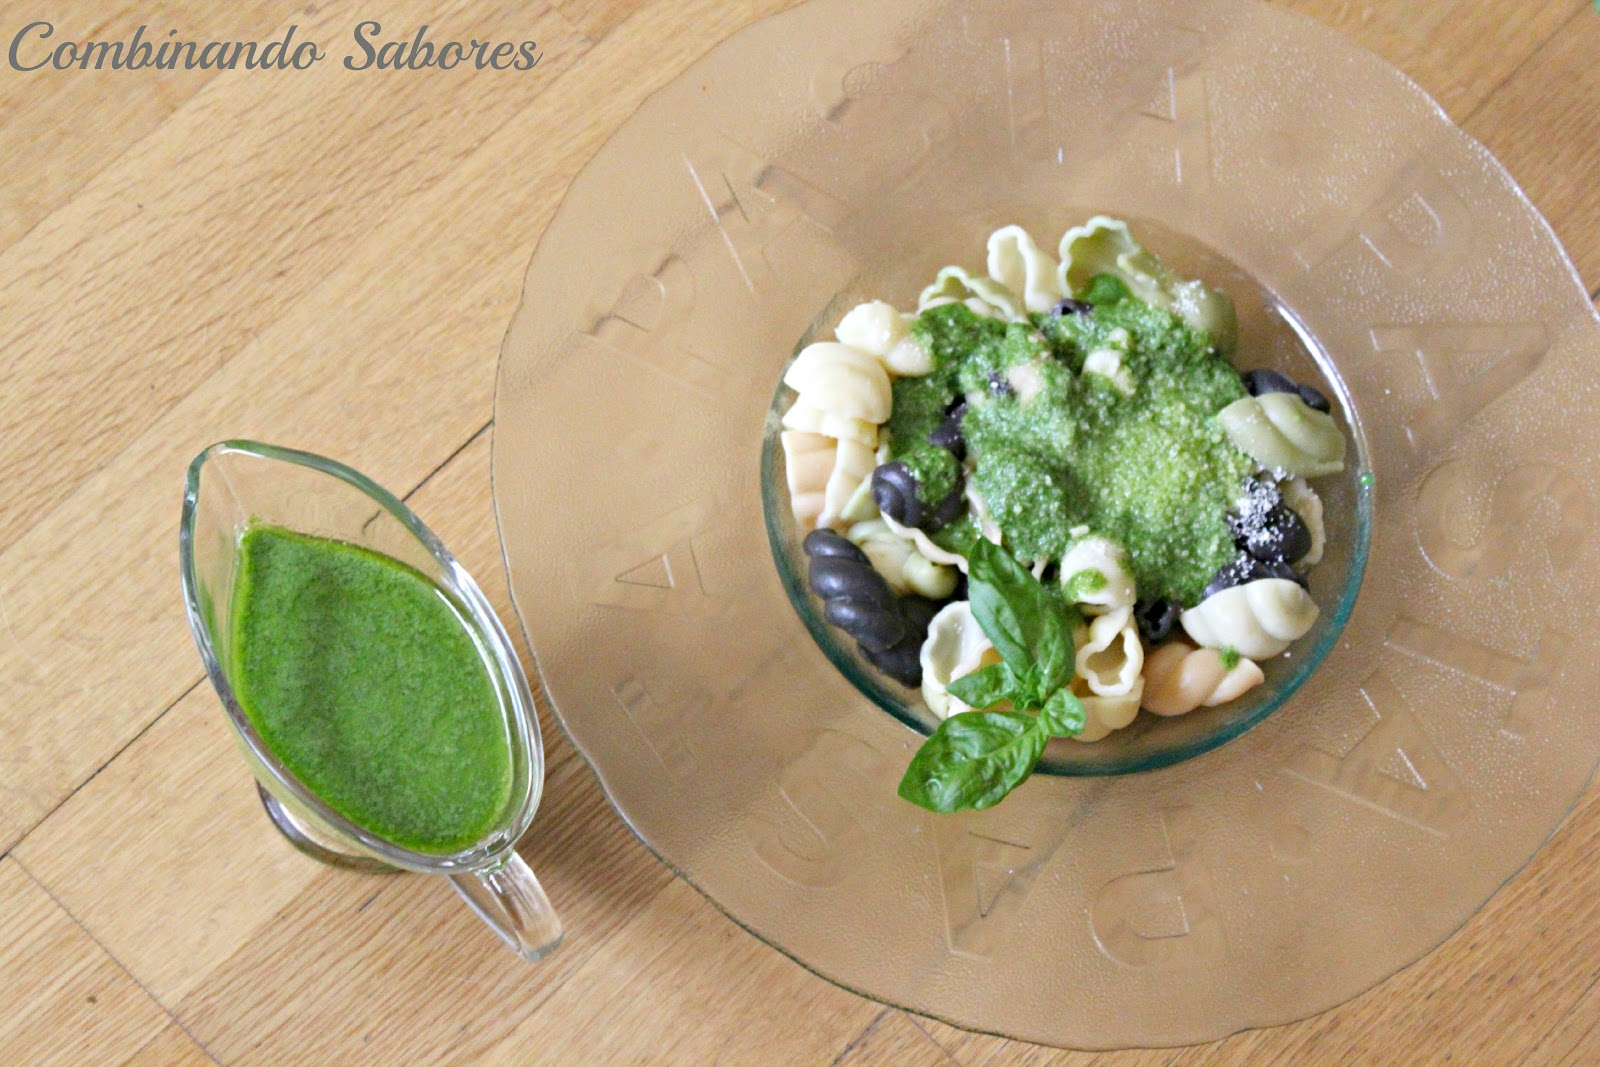 Combinando sabores pasta con salsa pesto y alg n consejillo - Como se hace la salsa pesto para pasta ...